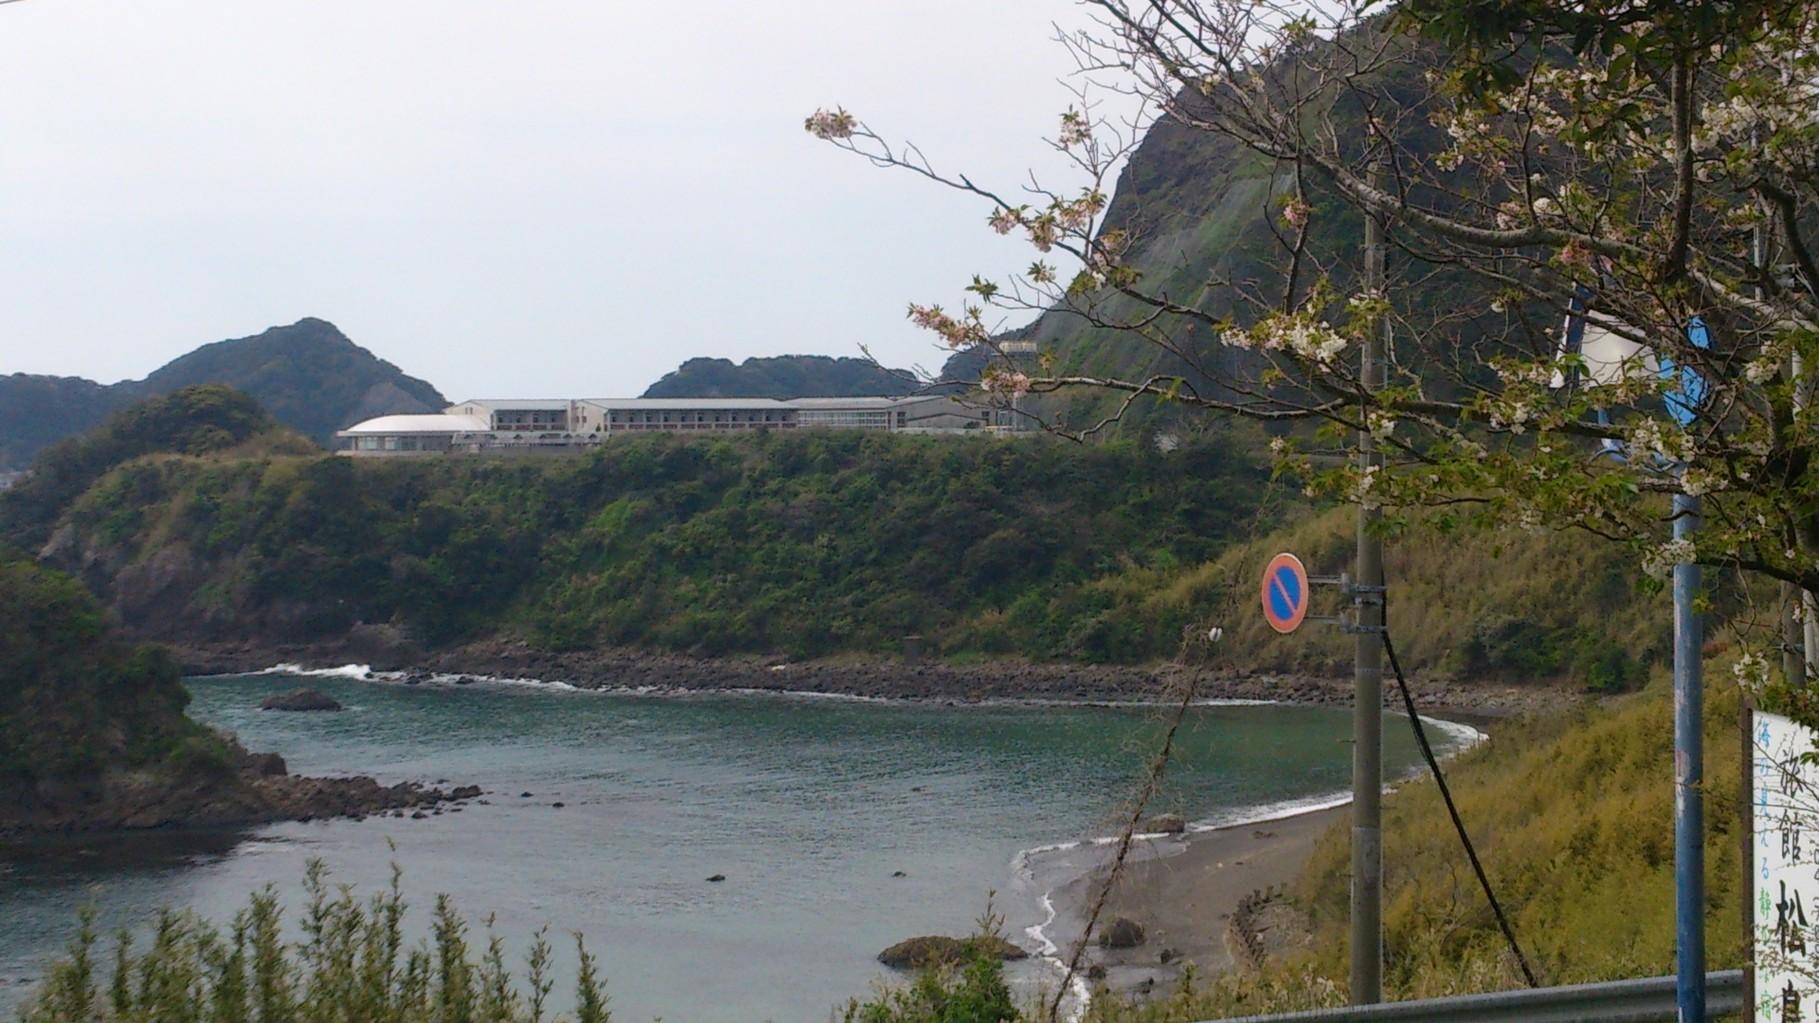 窓から見た最も近い入り江の景観、崖上に「鴨川青年の家」が見える